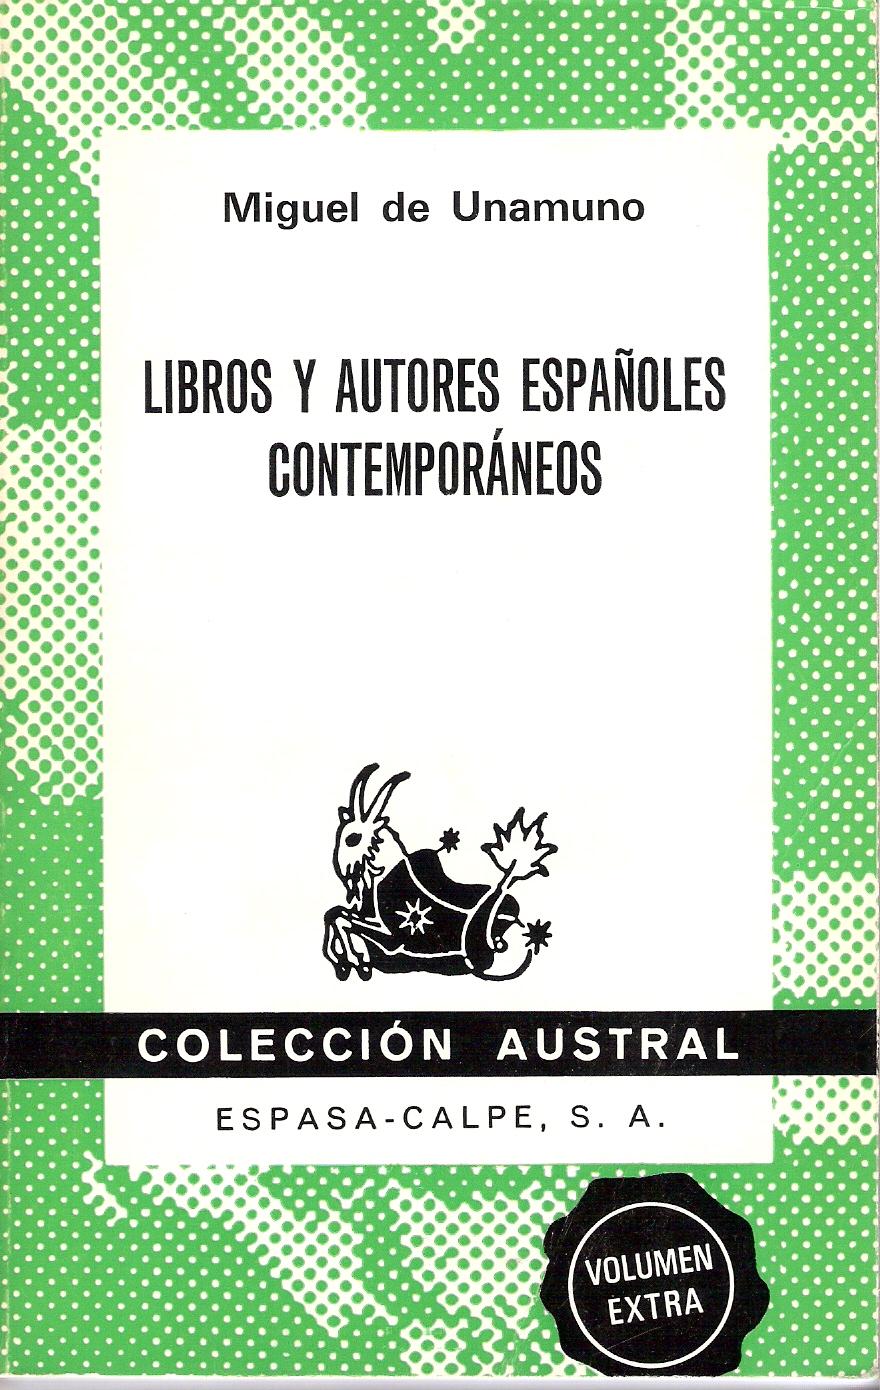 Libros y autores españoles contemporáneos